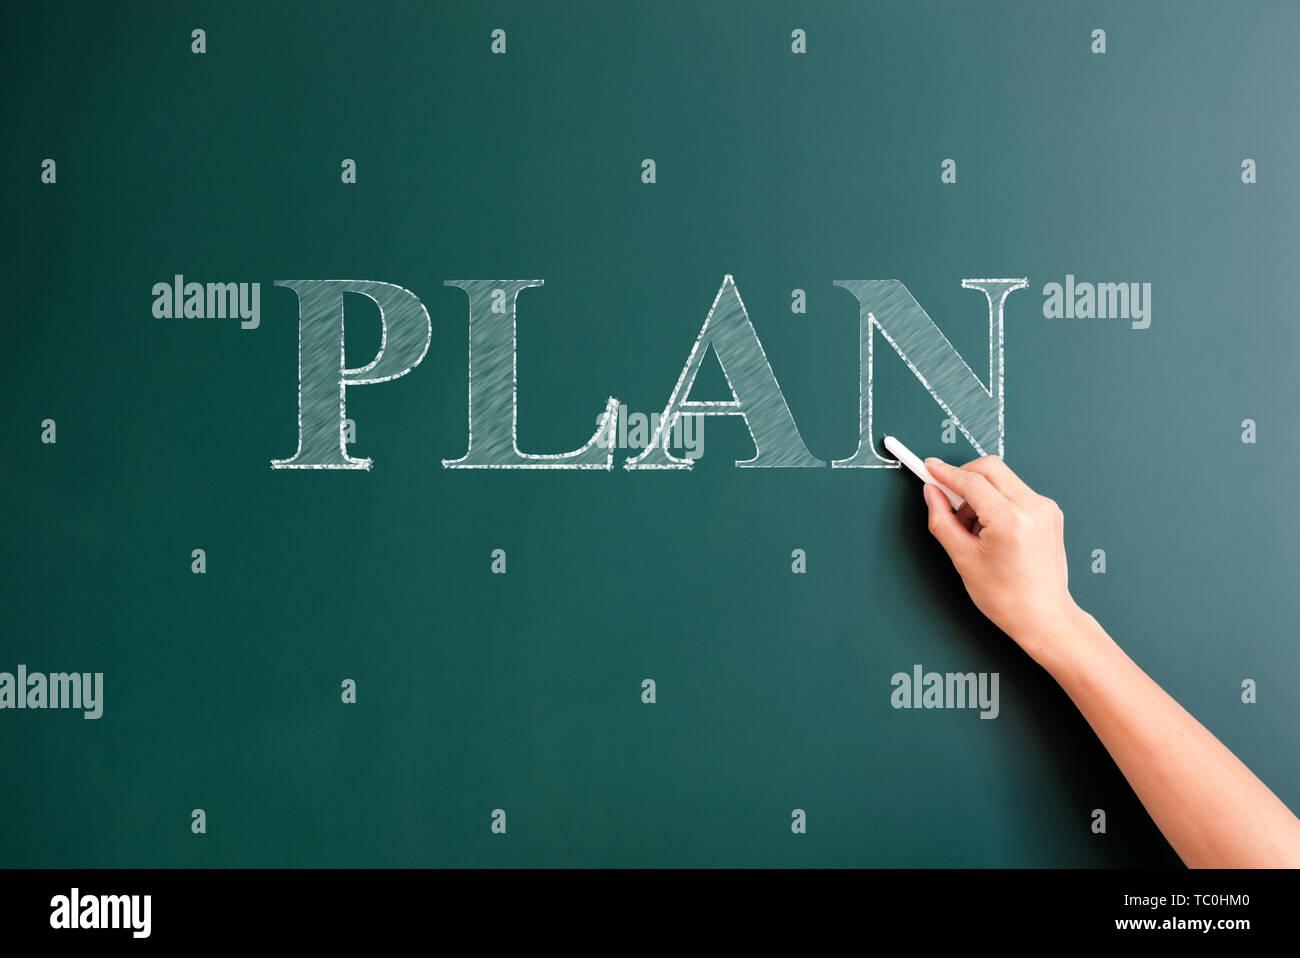 plan written on blackboard - Stock Image